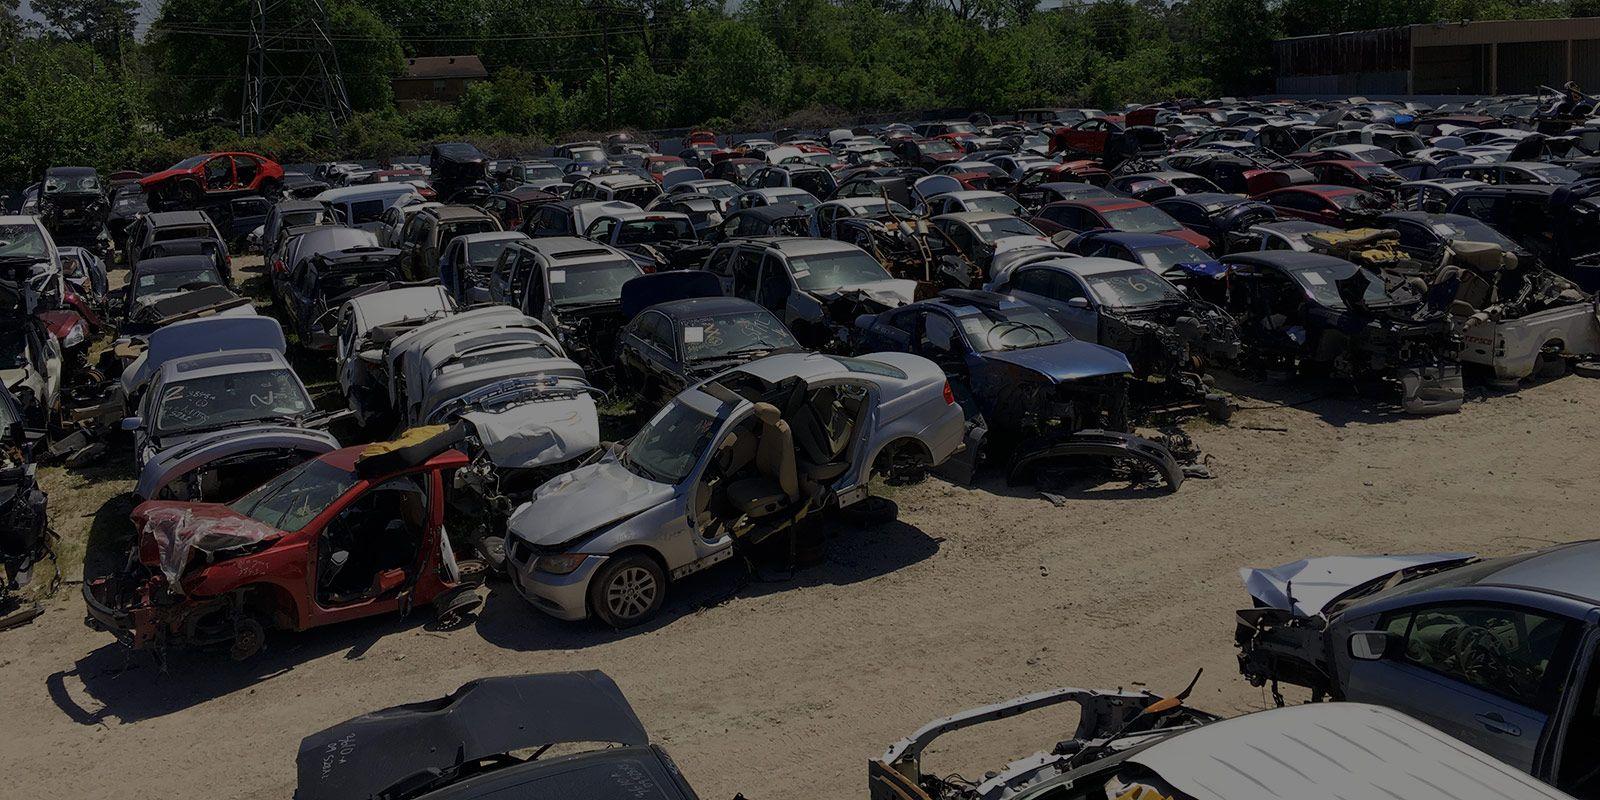 AAA Trucks & Auto Wreckings is a popular junkyard in